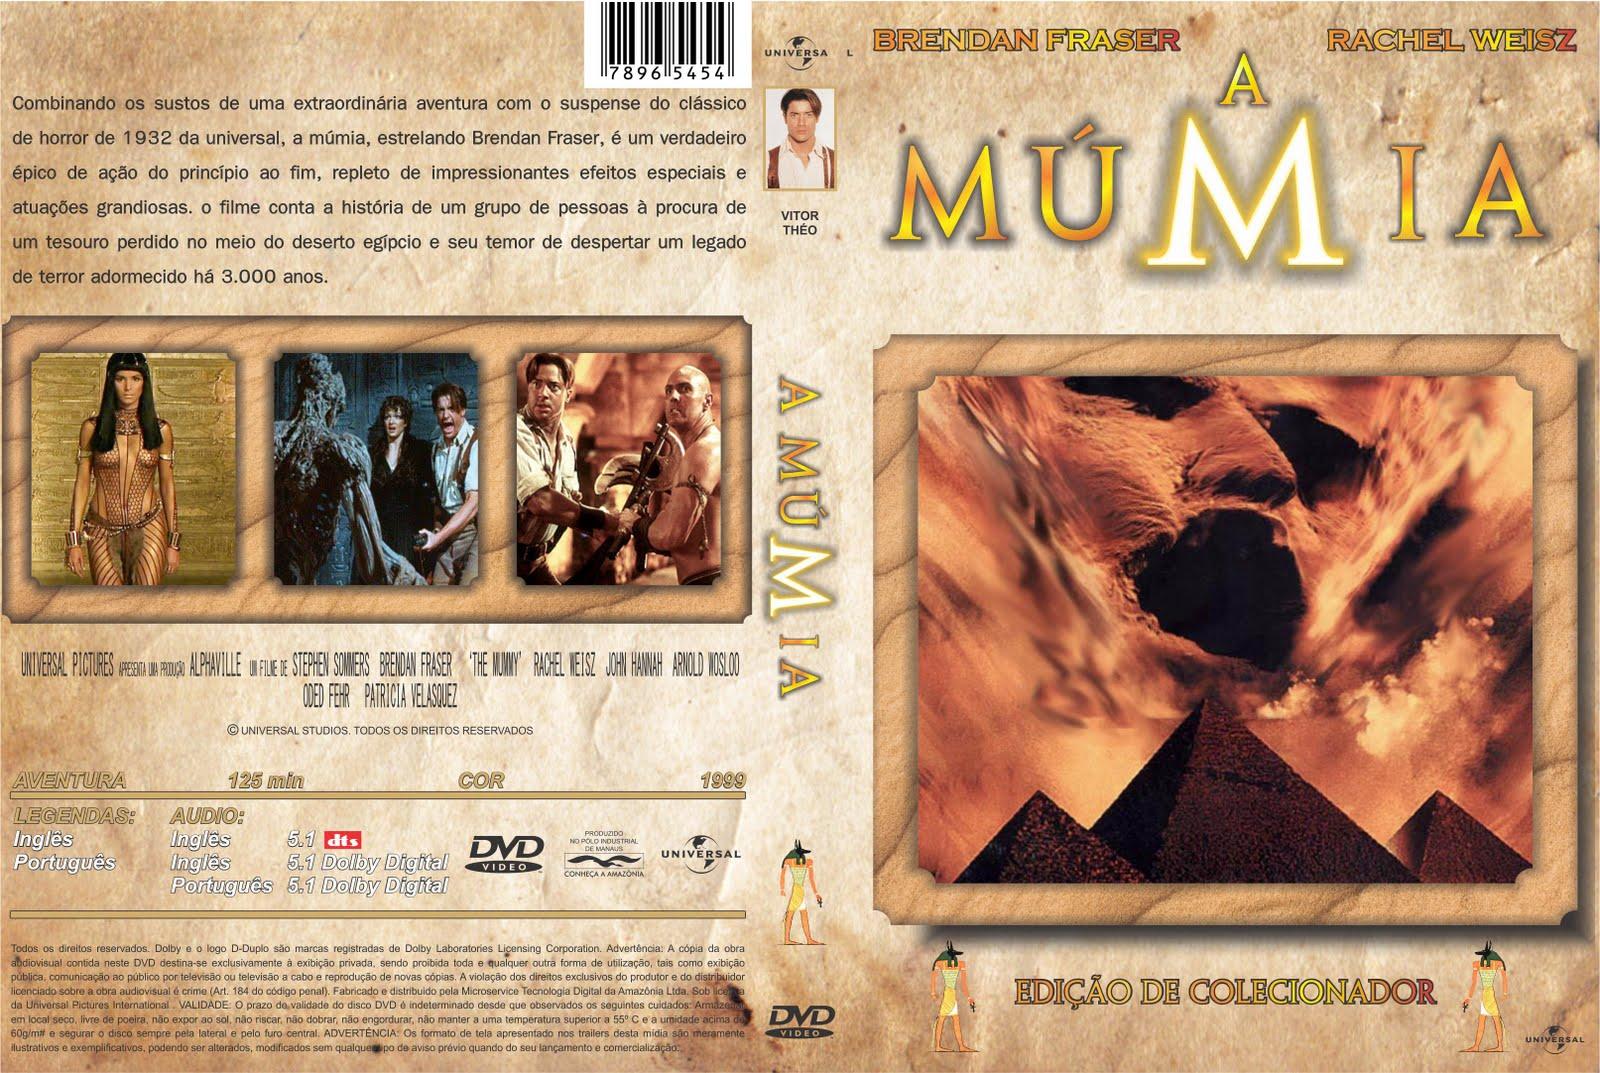 http://3.bp.blogspot.com/_6q6Cp3J4Jis/TNF0cWkOGZI/AAAAAAAAA6U/TQBCd7SRt9c/s1600/A+Mumia+1.jpg